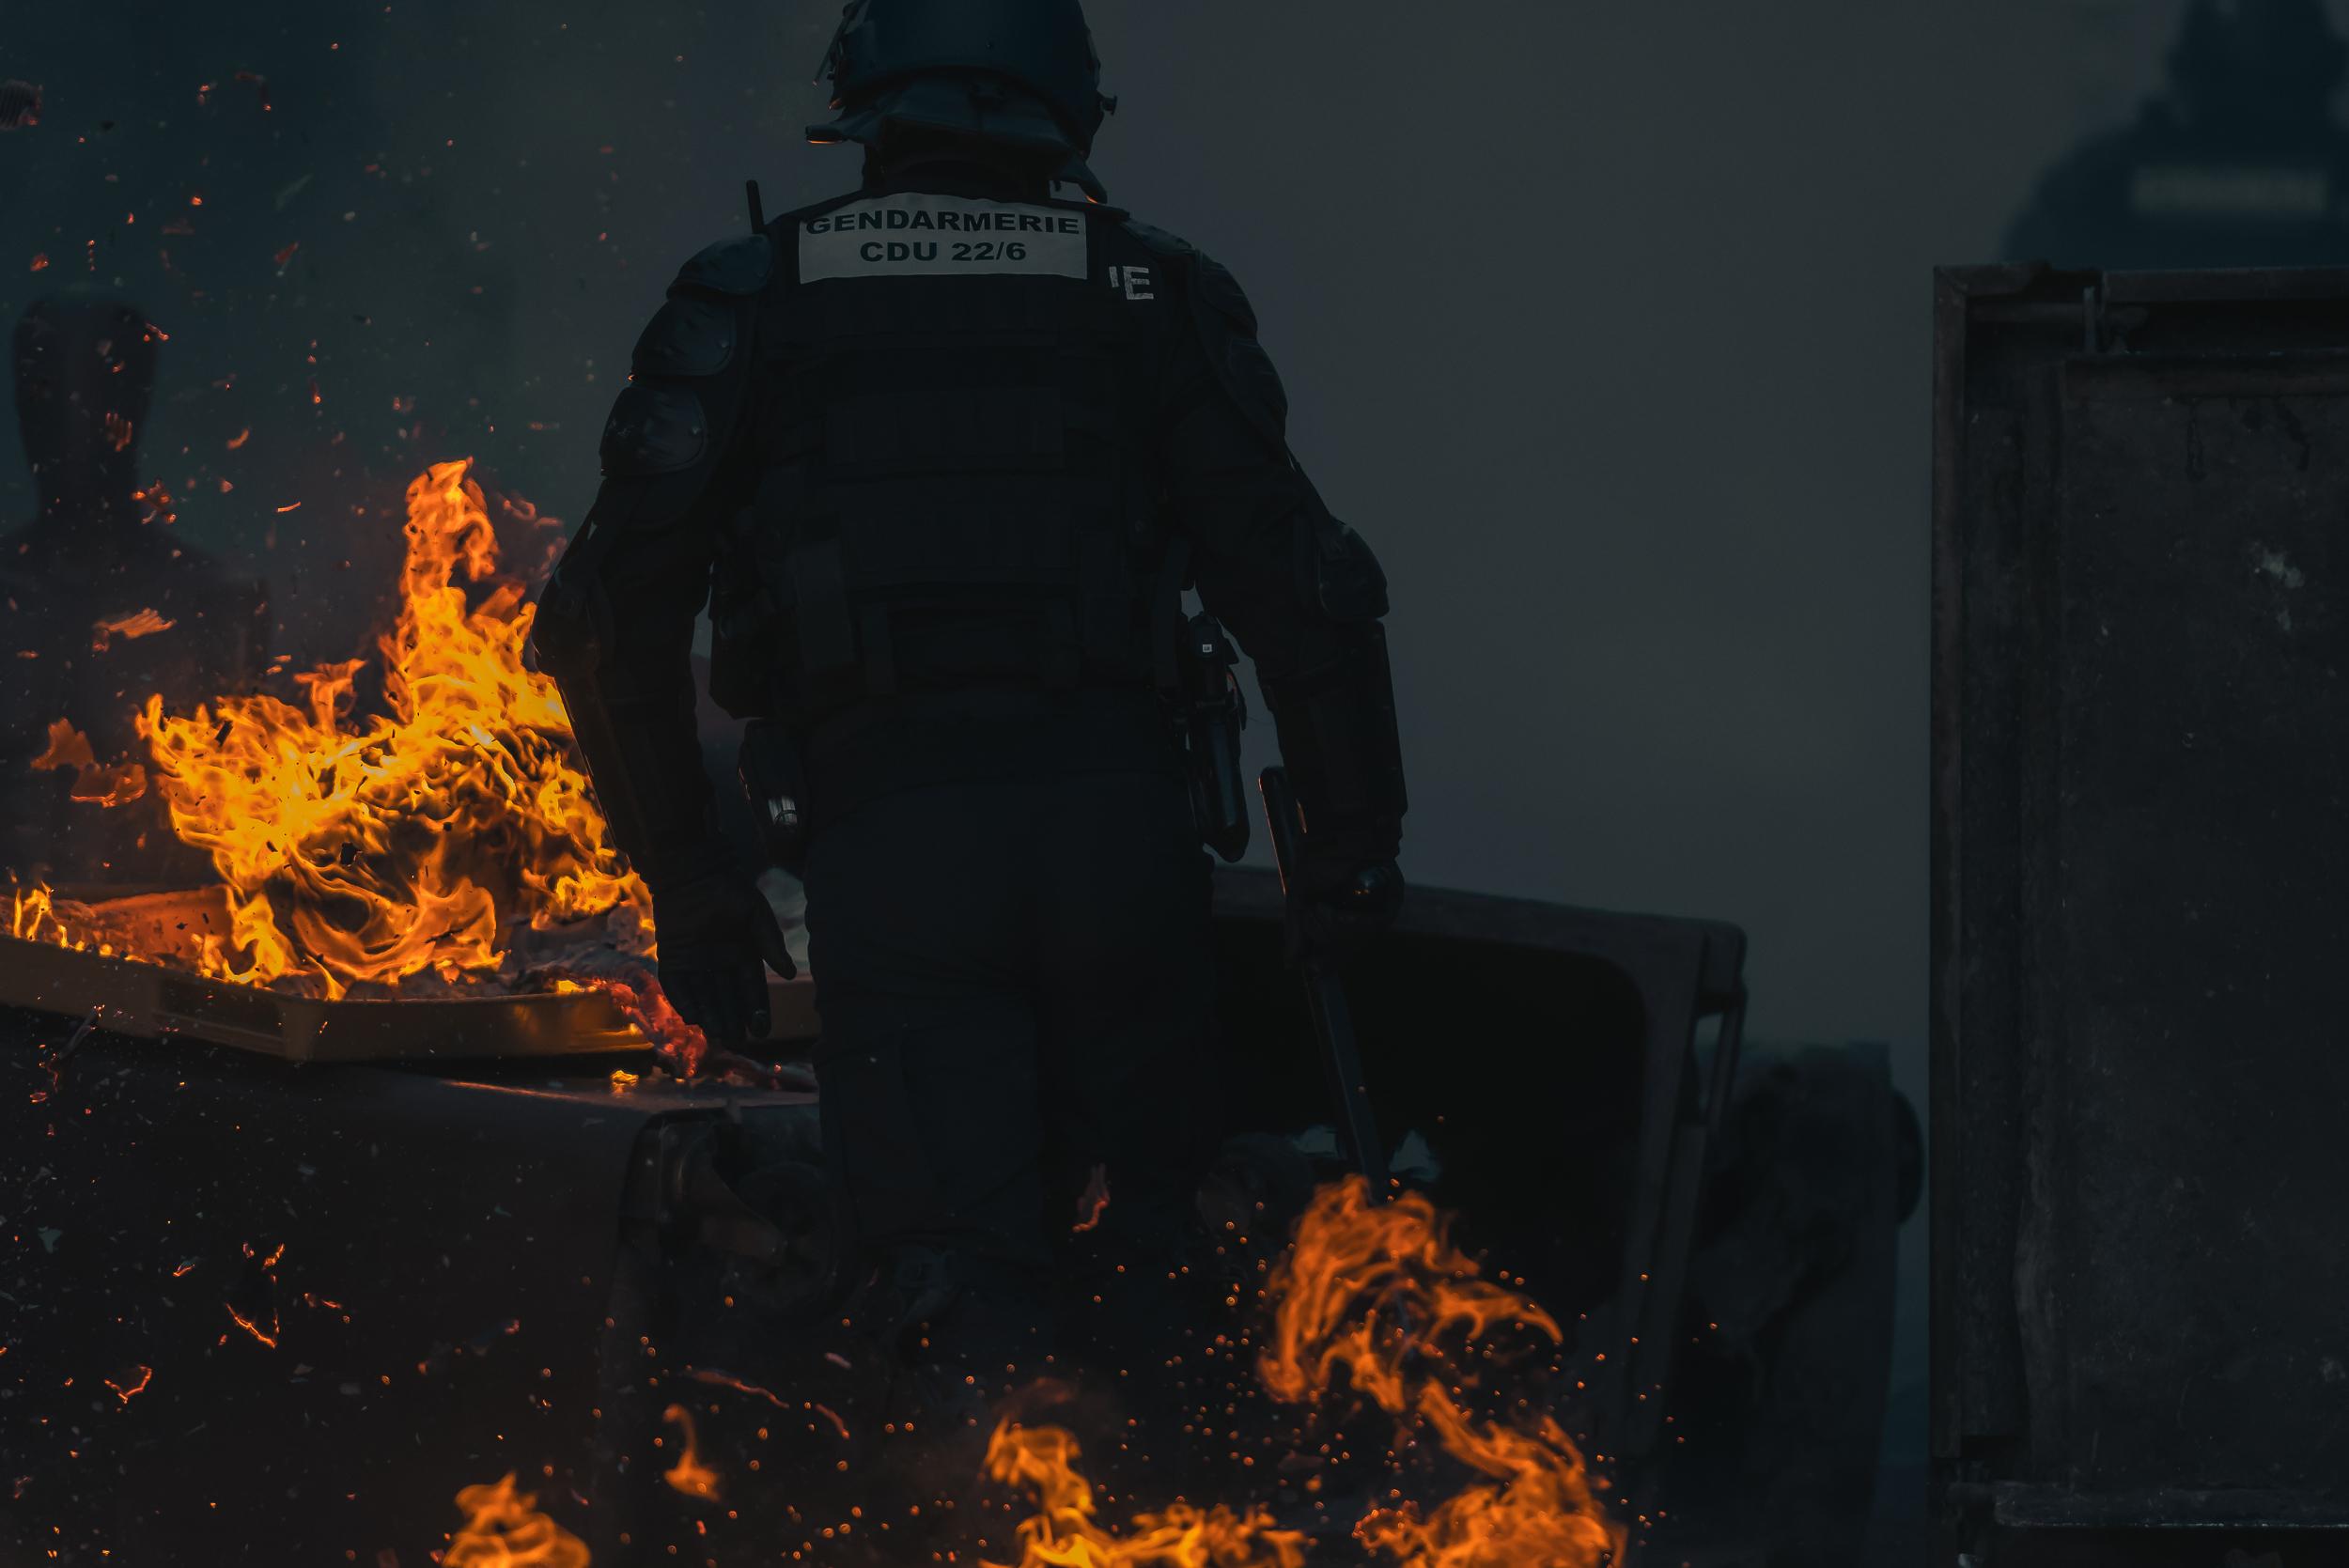 Un gendarme déblaie une poubelle en feu.